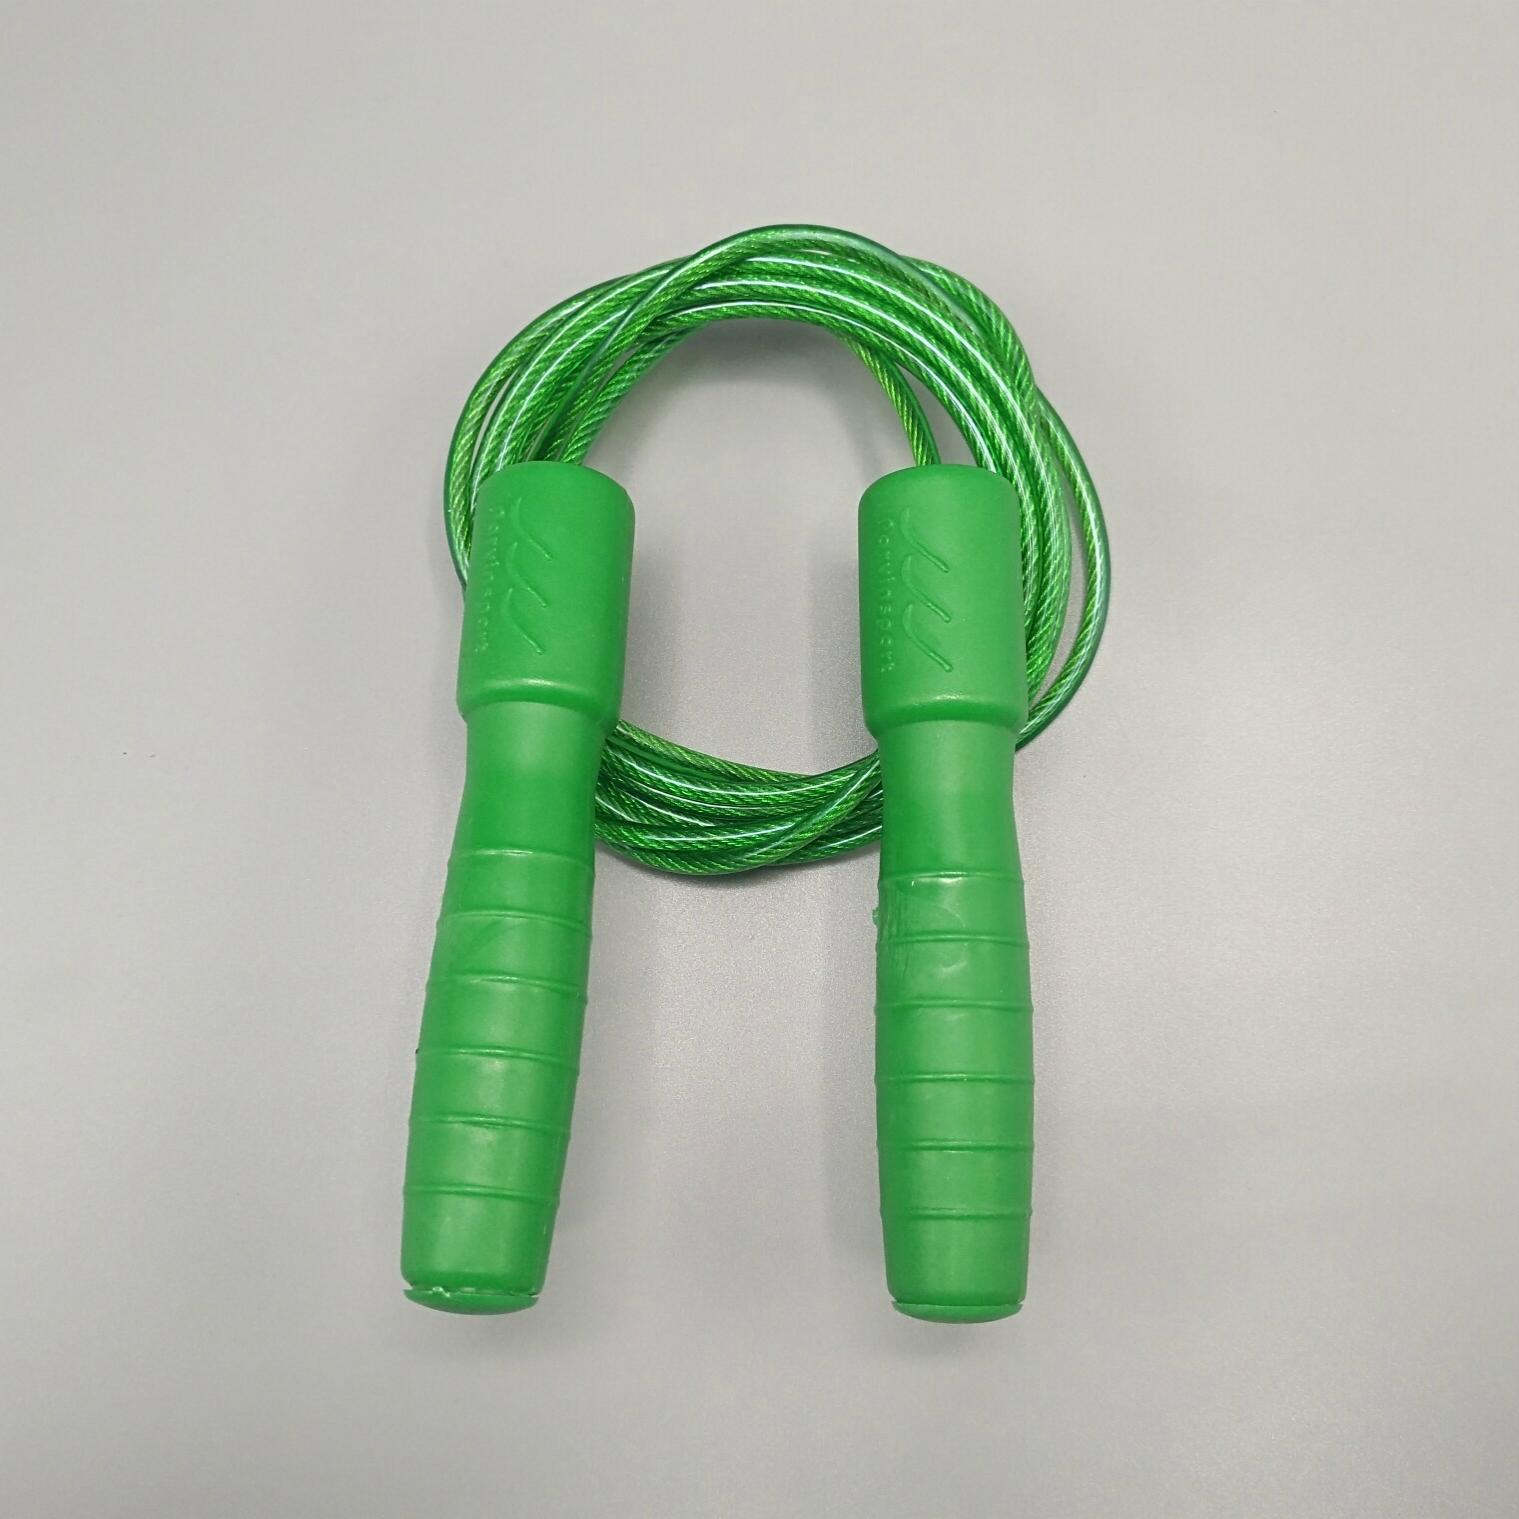 طناب ورزشی کالای ورزشی پروین مدل B9 main 1 3